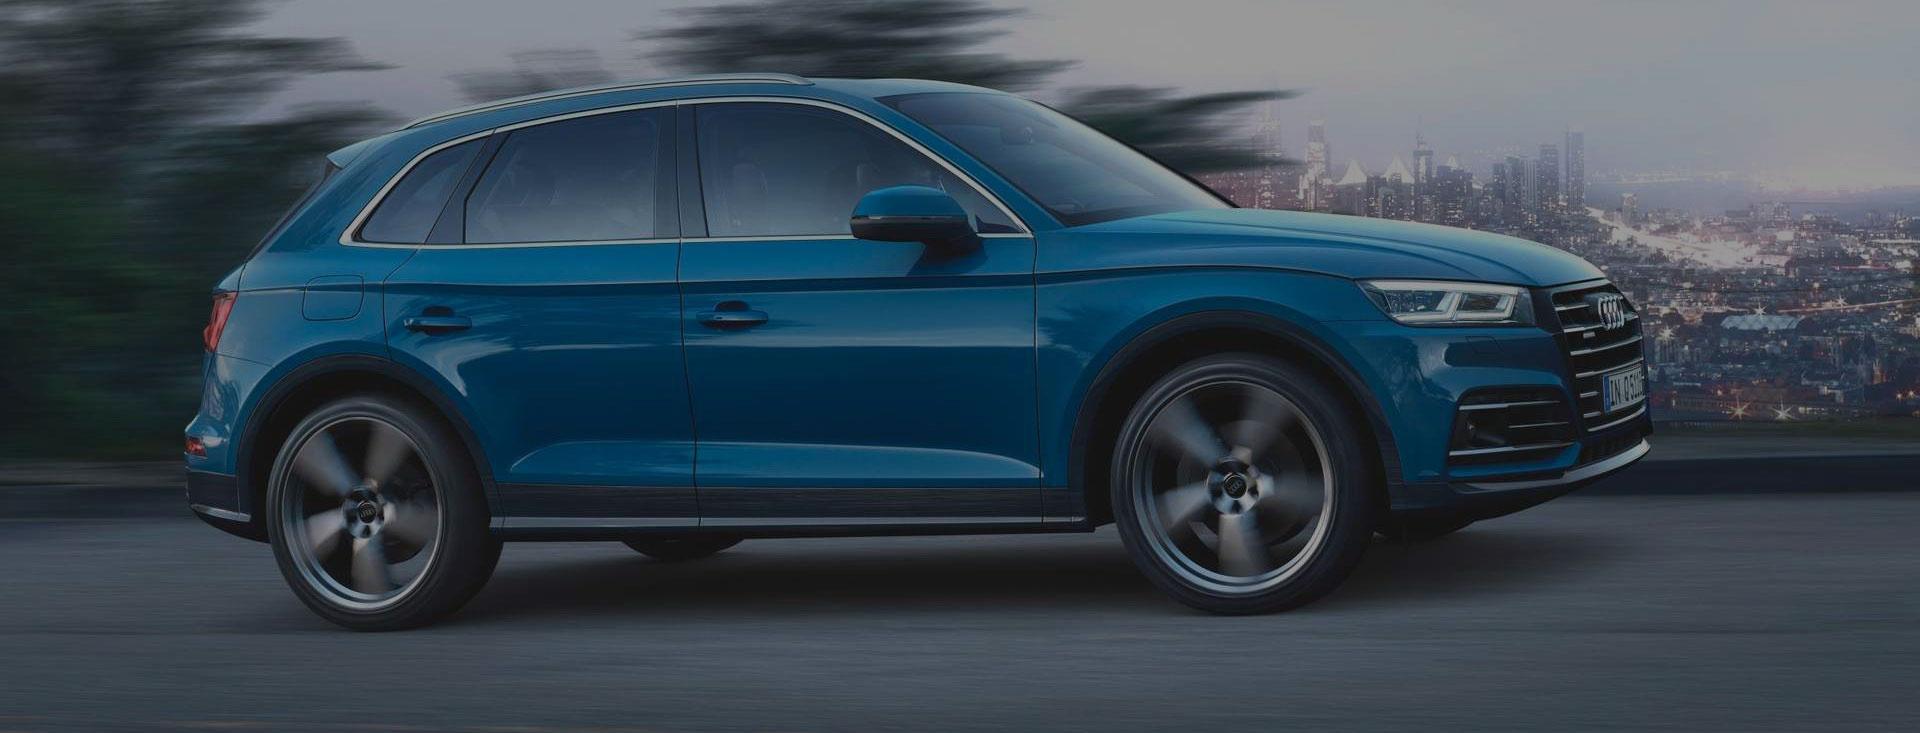 Érkezik az Audi Q5 Plug-in hibrid